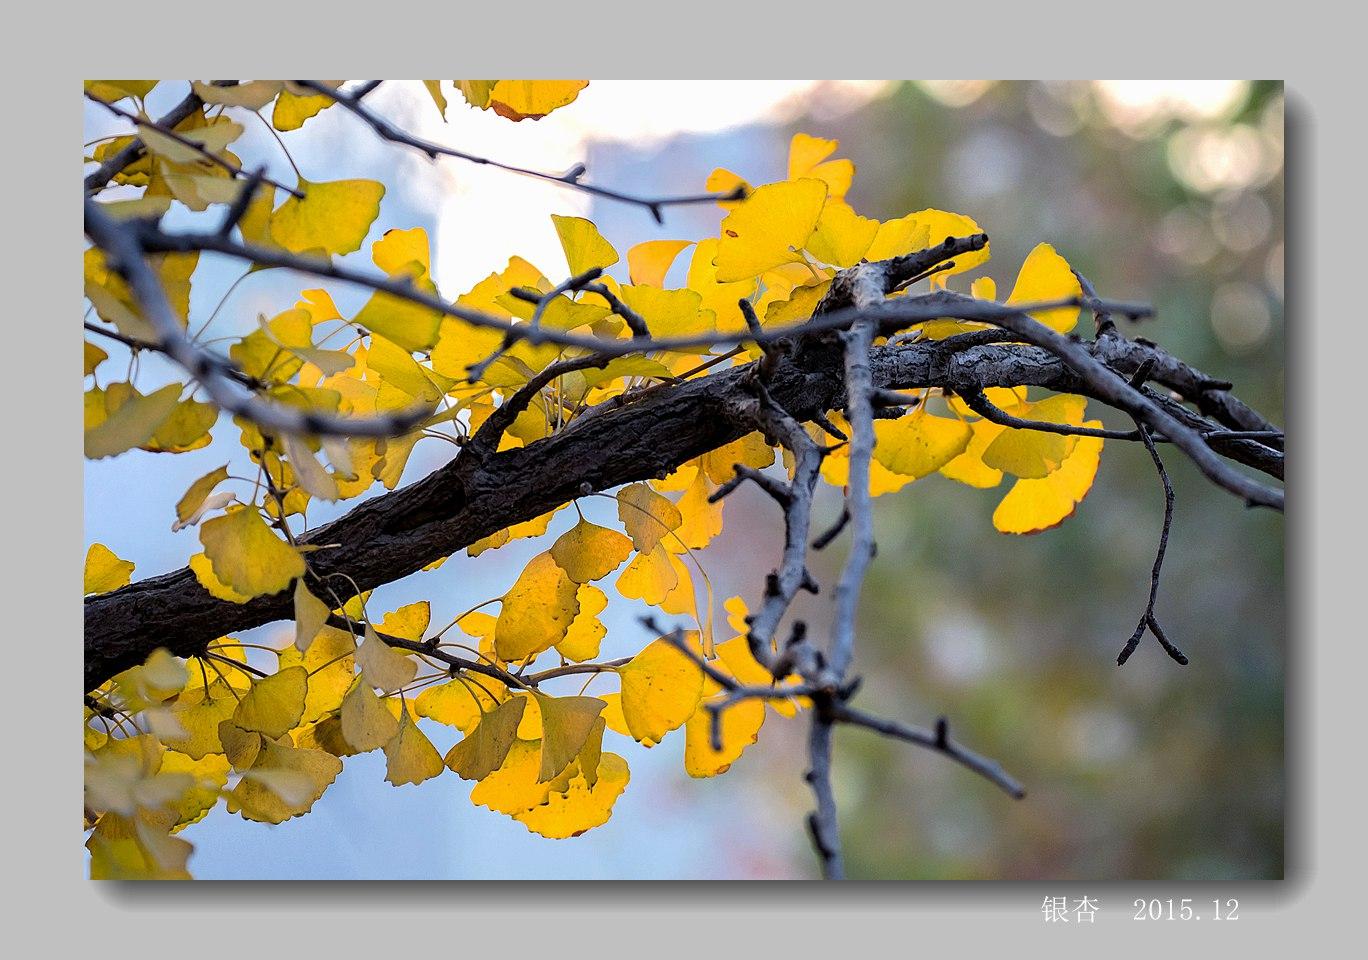 银杏树叶画-初冬,银杏叶黄了